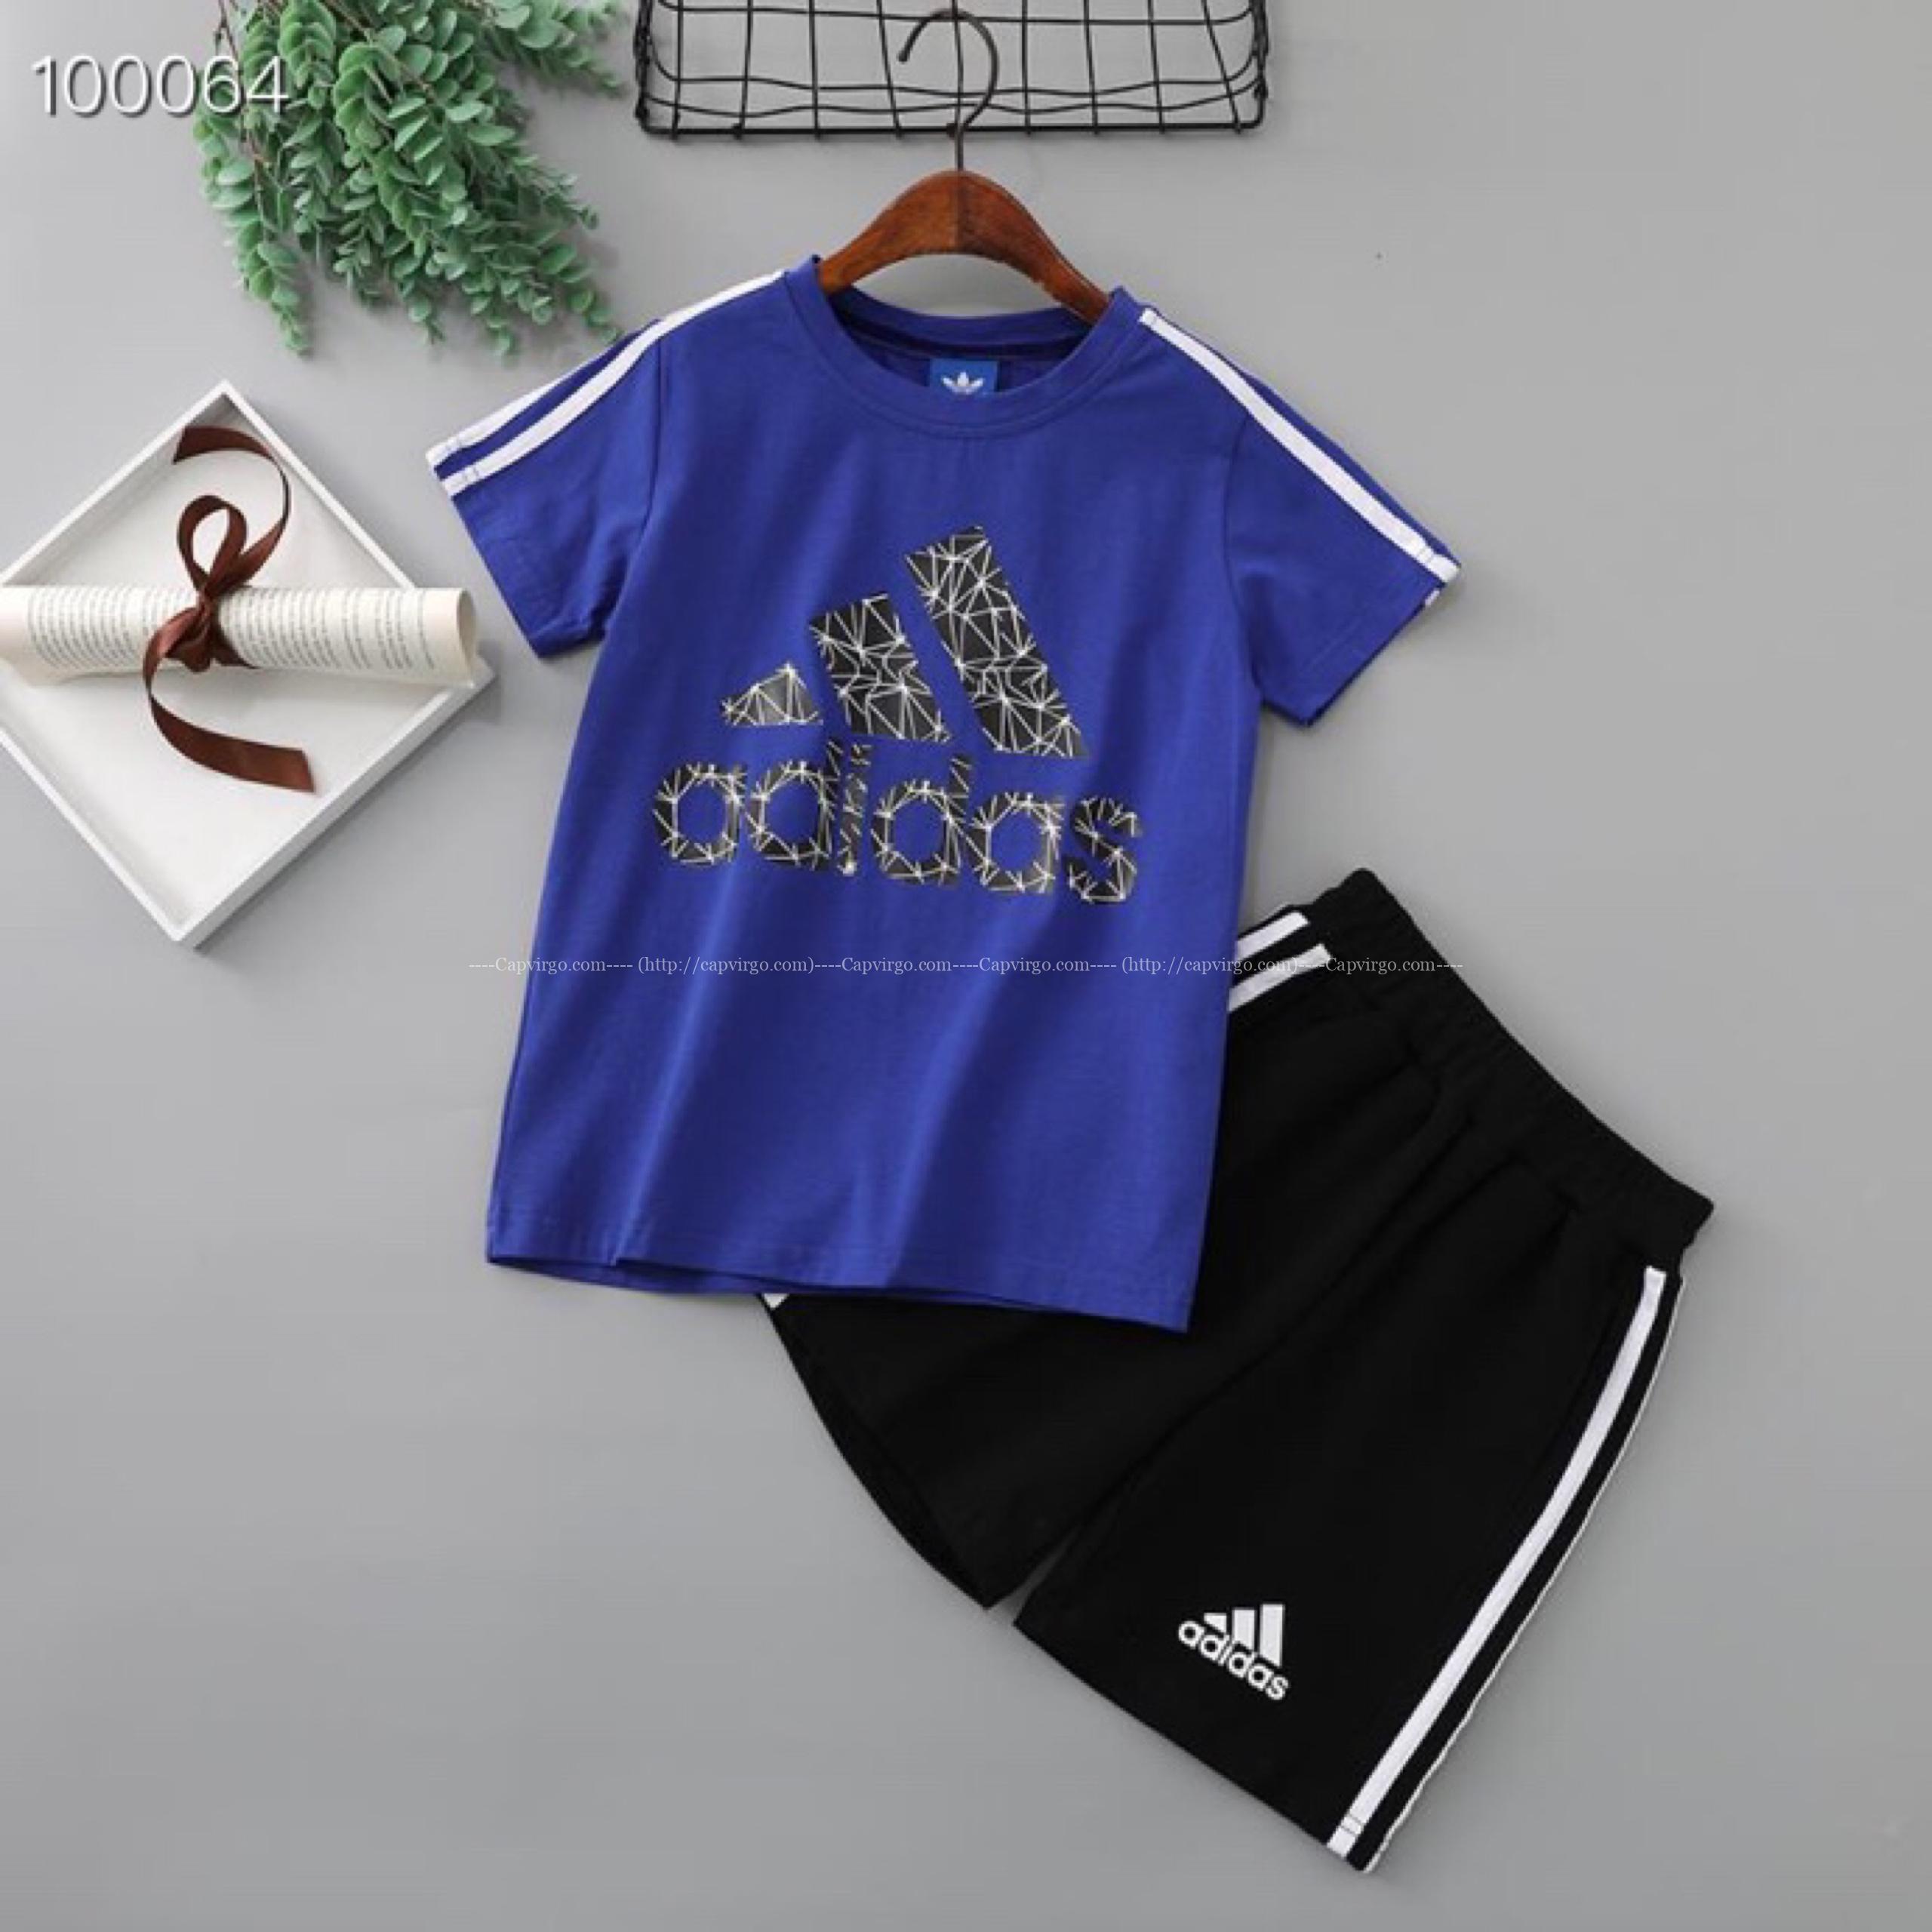 Bộ quần áo adidas trẻ em P750110170 Quần Cộc họa tiết